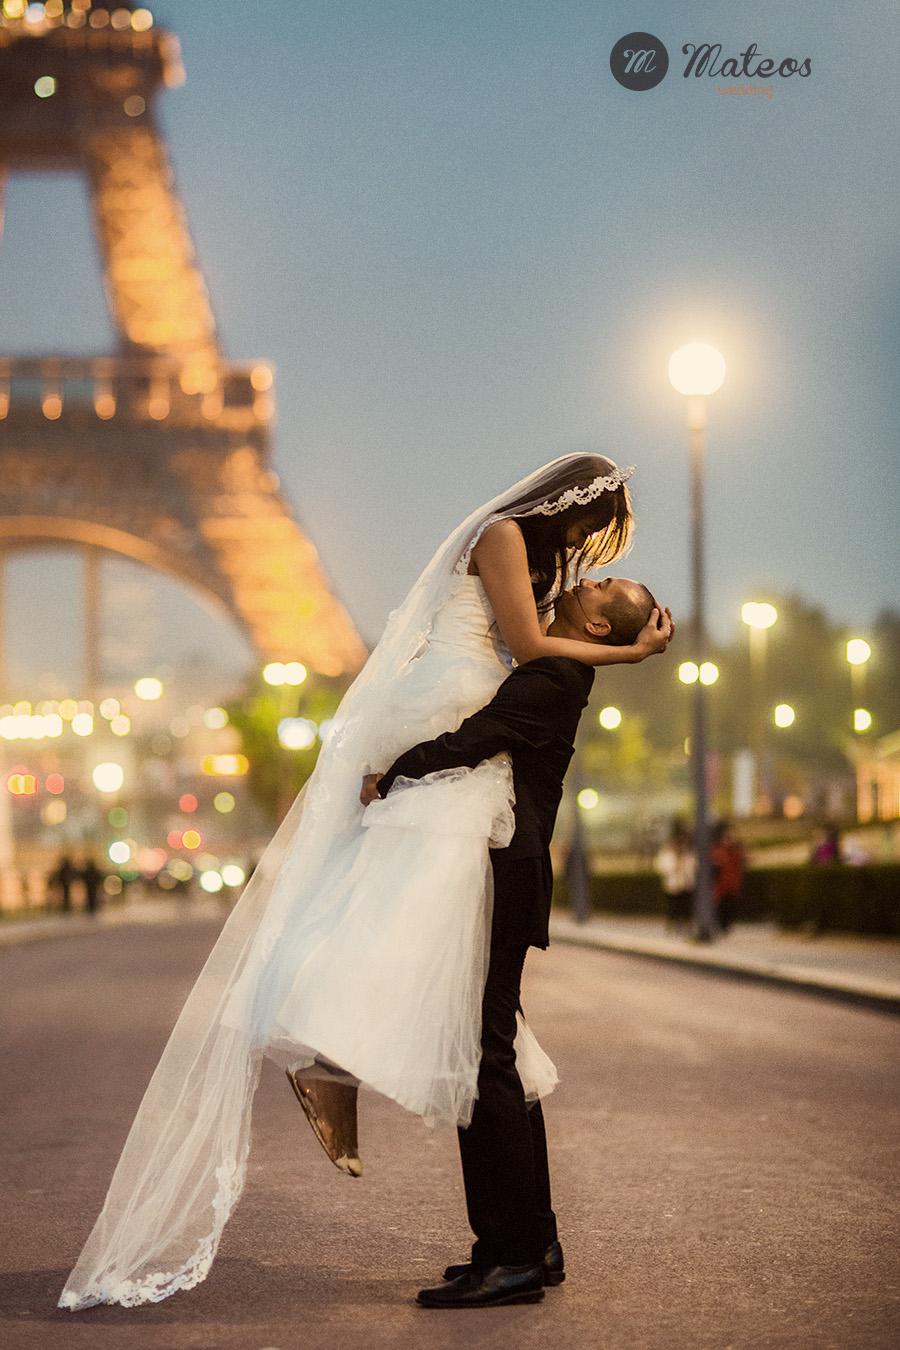 photographer 112-